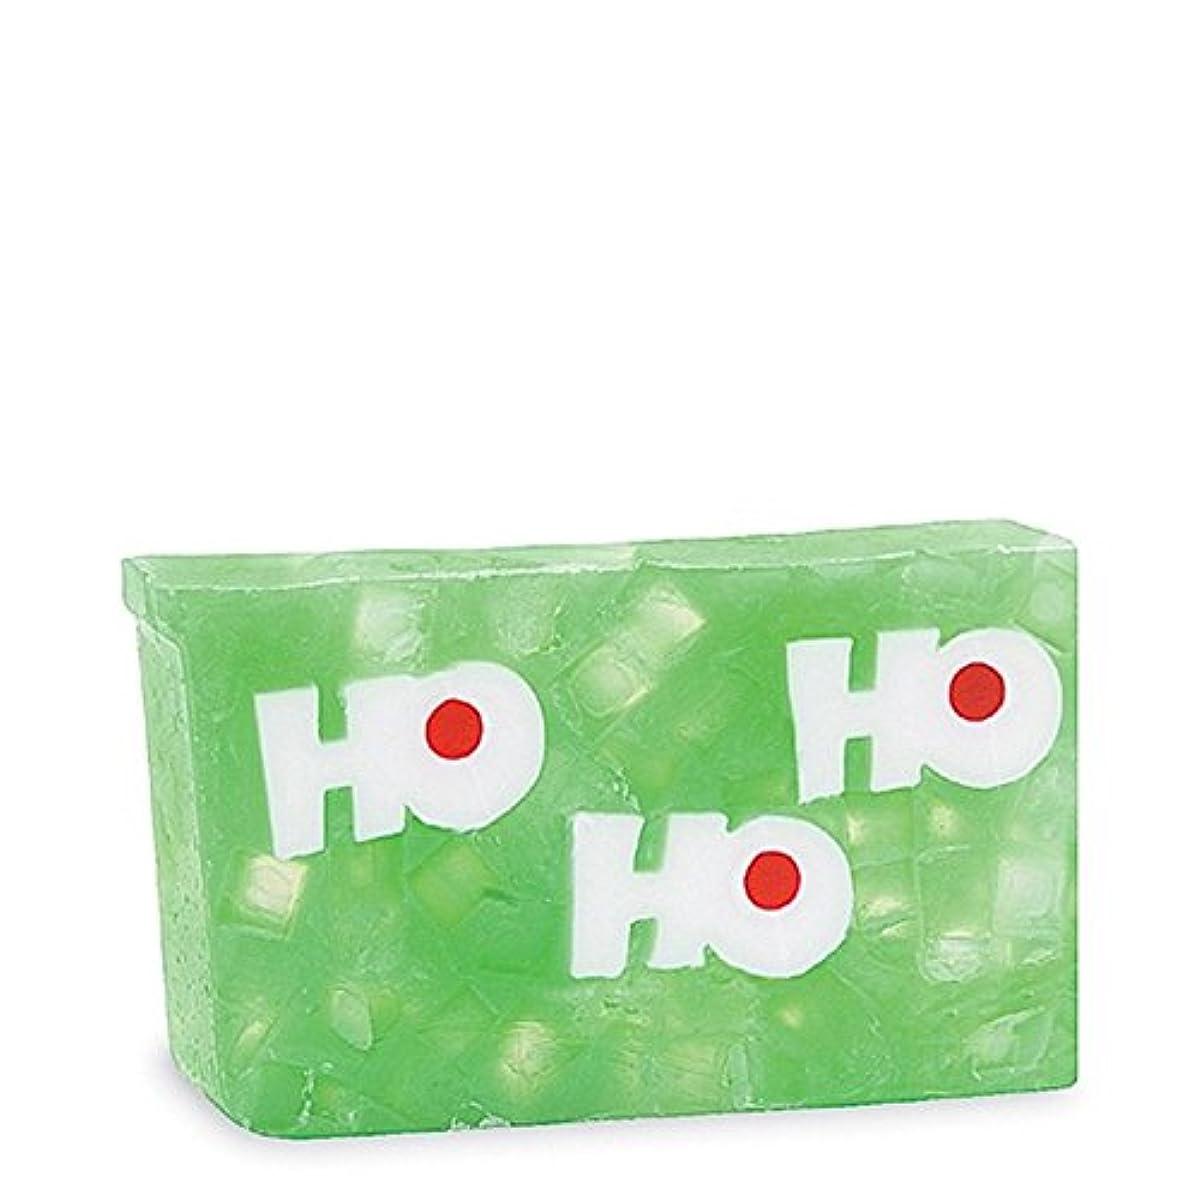 日焼け規制ホイール原初の要素ホーホーホ石鹸 x2 - Primal Elements Ho Ho Ho Soap (Pack of 2) [並行輸入品]